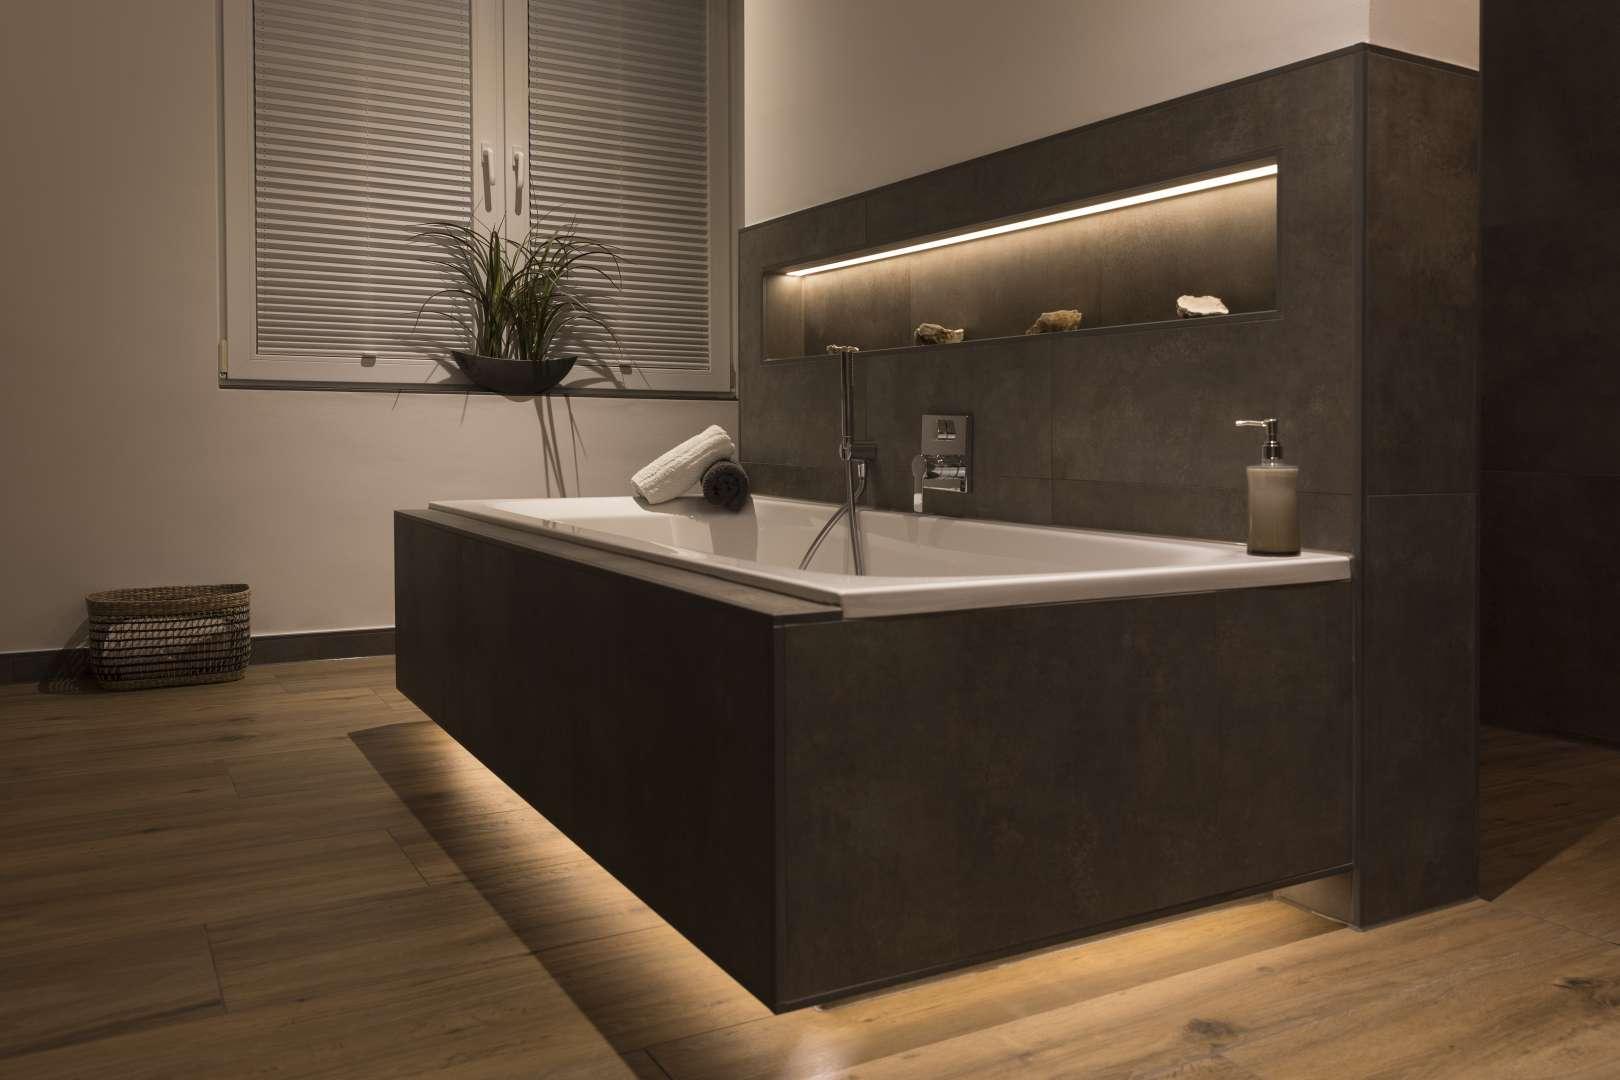 Badezimmer mit Beton- & Holzoptik und indirekter Beleuchtung